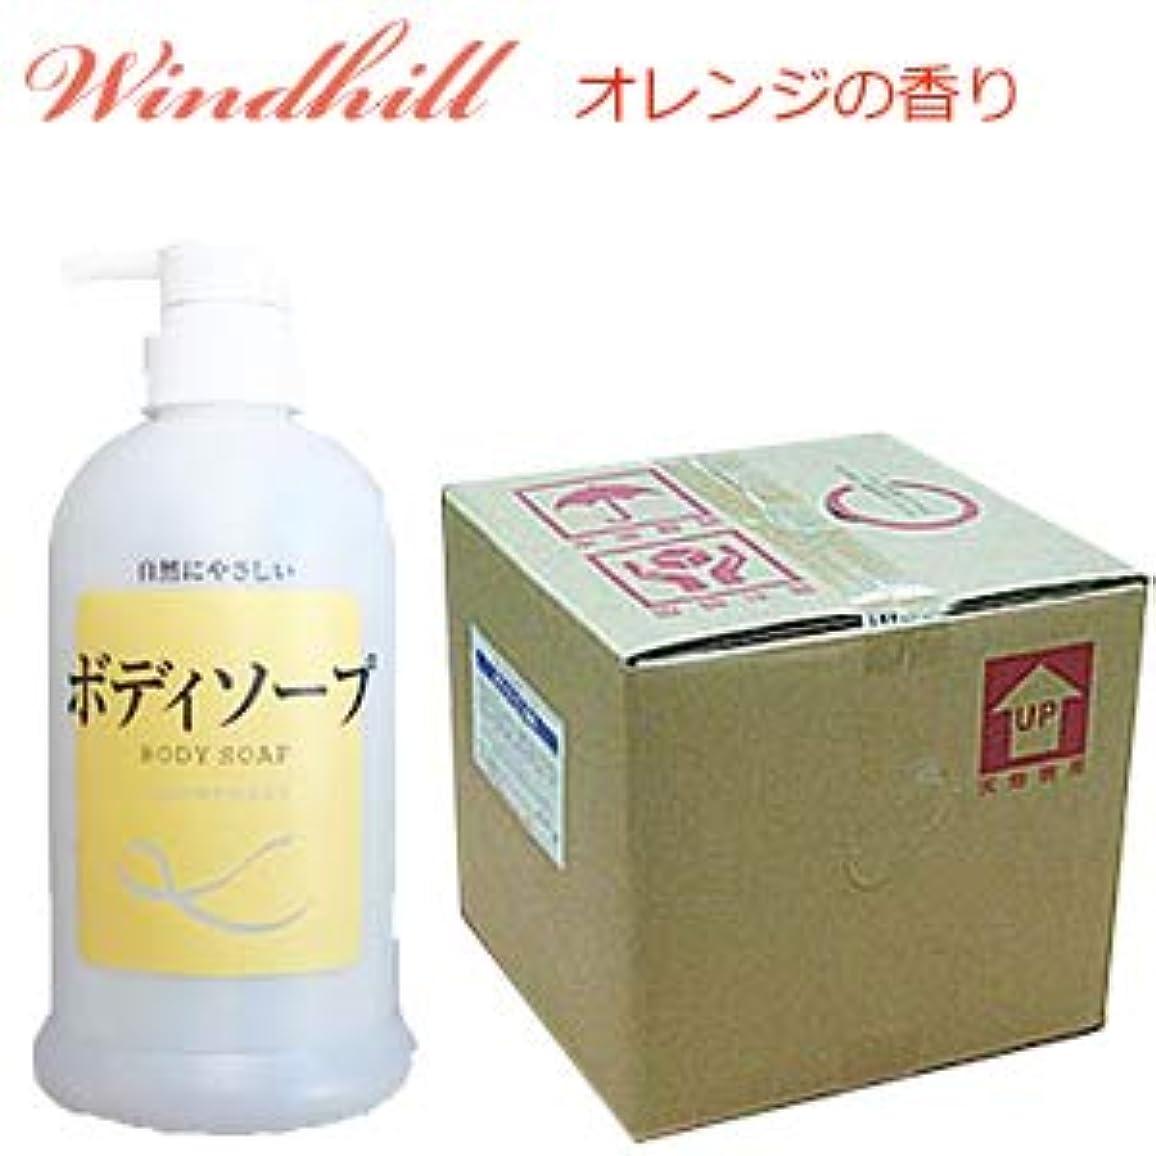 テクトニックプラットフォーム冷蔵庫Windhill 植物性 業務用ボディソープオレンジの香り 20L(1セット20L入)